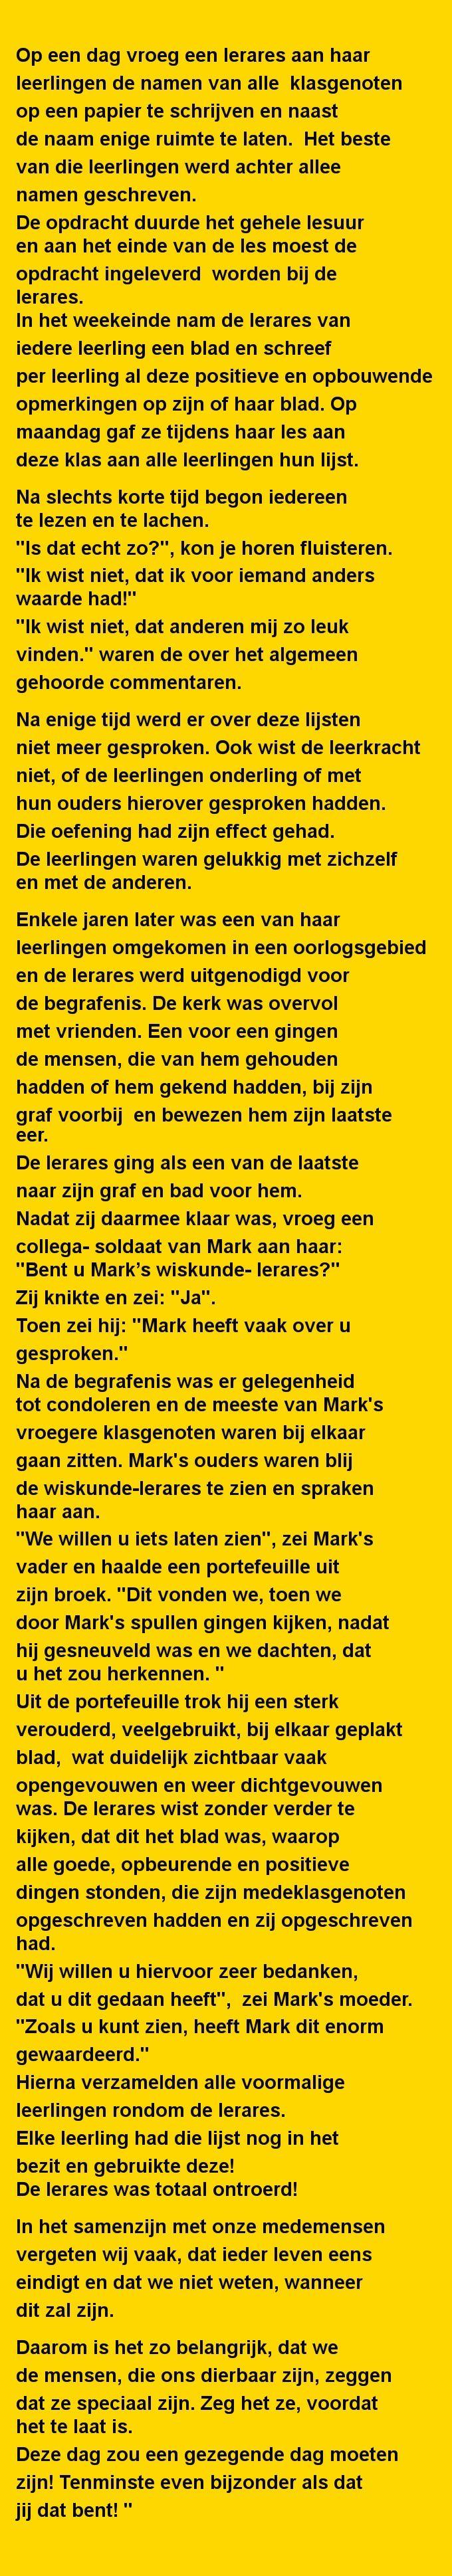 Op een dag vroeg - Zieer.nl